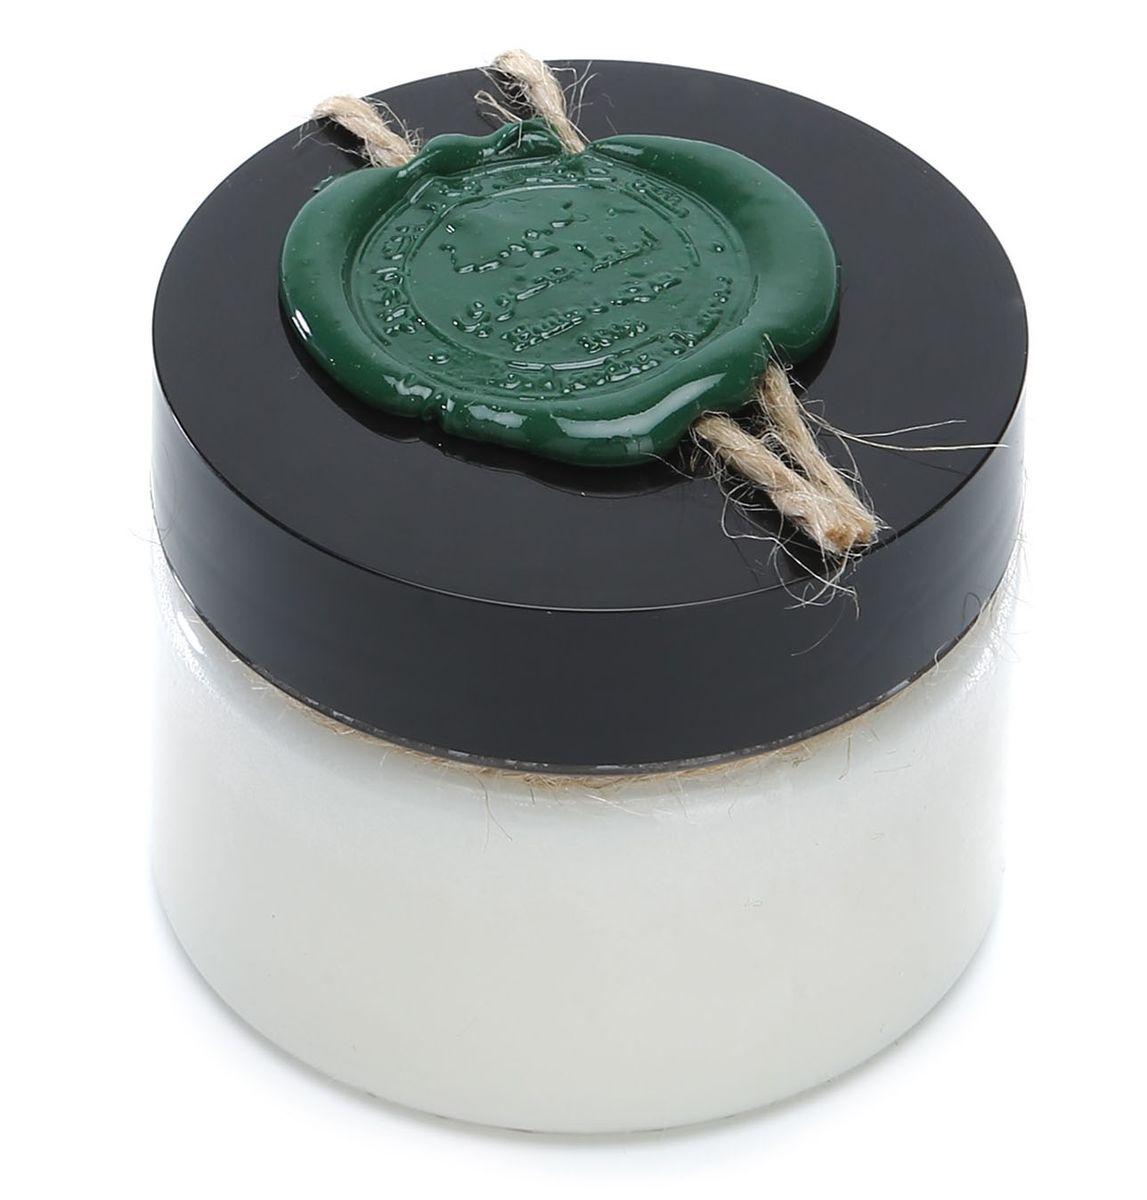 Huilargan Кокос масло, 100% органическое, 100 гFS-00897Кокосовое масло не содержит холестерина - единственное масло, которое содержит 92% насыщенных жирных кислот, то есть не допускает образование свободных радикалов и транс жиров. Кокосовое масло устойчиво к разрушению и имеет большой срок годности. Оно устойчиво к действию света, воздуха и тепловой обработке. Более того, оно содержит большое количество антиоксидантов, что делает его лучшим маслом для сохранения и восстановления здоровья.Кокосовое масло просто незаменимо: при сухой, раздраженной и чувствительной коже; масло используется для лечения ран; эффективно при сухости и шелушении кожи, трещинах на локтях и пятках, ожогах; повышает упругость и эластичность кожи, прекрасно подходит для лечения и профилактики целлюлита; Предохраняет кожу от обвисания при стремительном похудении, в том числе после родов; До и после принятия солнечных ванн - оно создает устойчивый защитный слой; Для ухода за волосами - прекрасно увлажняет волосы и кожу головы, избавляет от перхоти и сечения. КОКОСОВОЕ МАСЛО ДЛЯ ЛИЦАБерете 1 грамм и наносите на кожу, масло начинает плавиться и впитываться, практически не оставляя жирных следов. Если кокосовое масло сушит вашу кожу, попробуйте наносить его на влажное лицо и эффект будет абсолютно другим!КОКОСОВОЕ МАСЛО ДЛЯ ВОЛОСКокосовое масло для волос лучше всего использовать в виде процедуры промасливания волос.Берете немного масла и равномерно распределяете его на волосы по всей длине от корней до самых кончиков. Если волосы жирные, то масло нужно наносить только на кончики волос Наносится масло на сухие волосы до их мытья, как минимум на час. Если волосы сильно ослаблены и истончены, то лучше всего его наносить перед сном на всю ночь для усиления лечебного эффекта. Иногда рекомендуется, замотать голову теплым полотенцем, чтобы усилить лечебный эффект. Смывается масло достаточно просто обыкновенным шампунем.Делать такую процедуру можно 1 раз в неделю.Нерафинированное масло кокоса укрепляет, пи